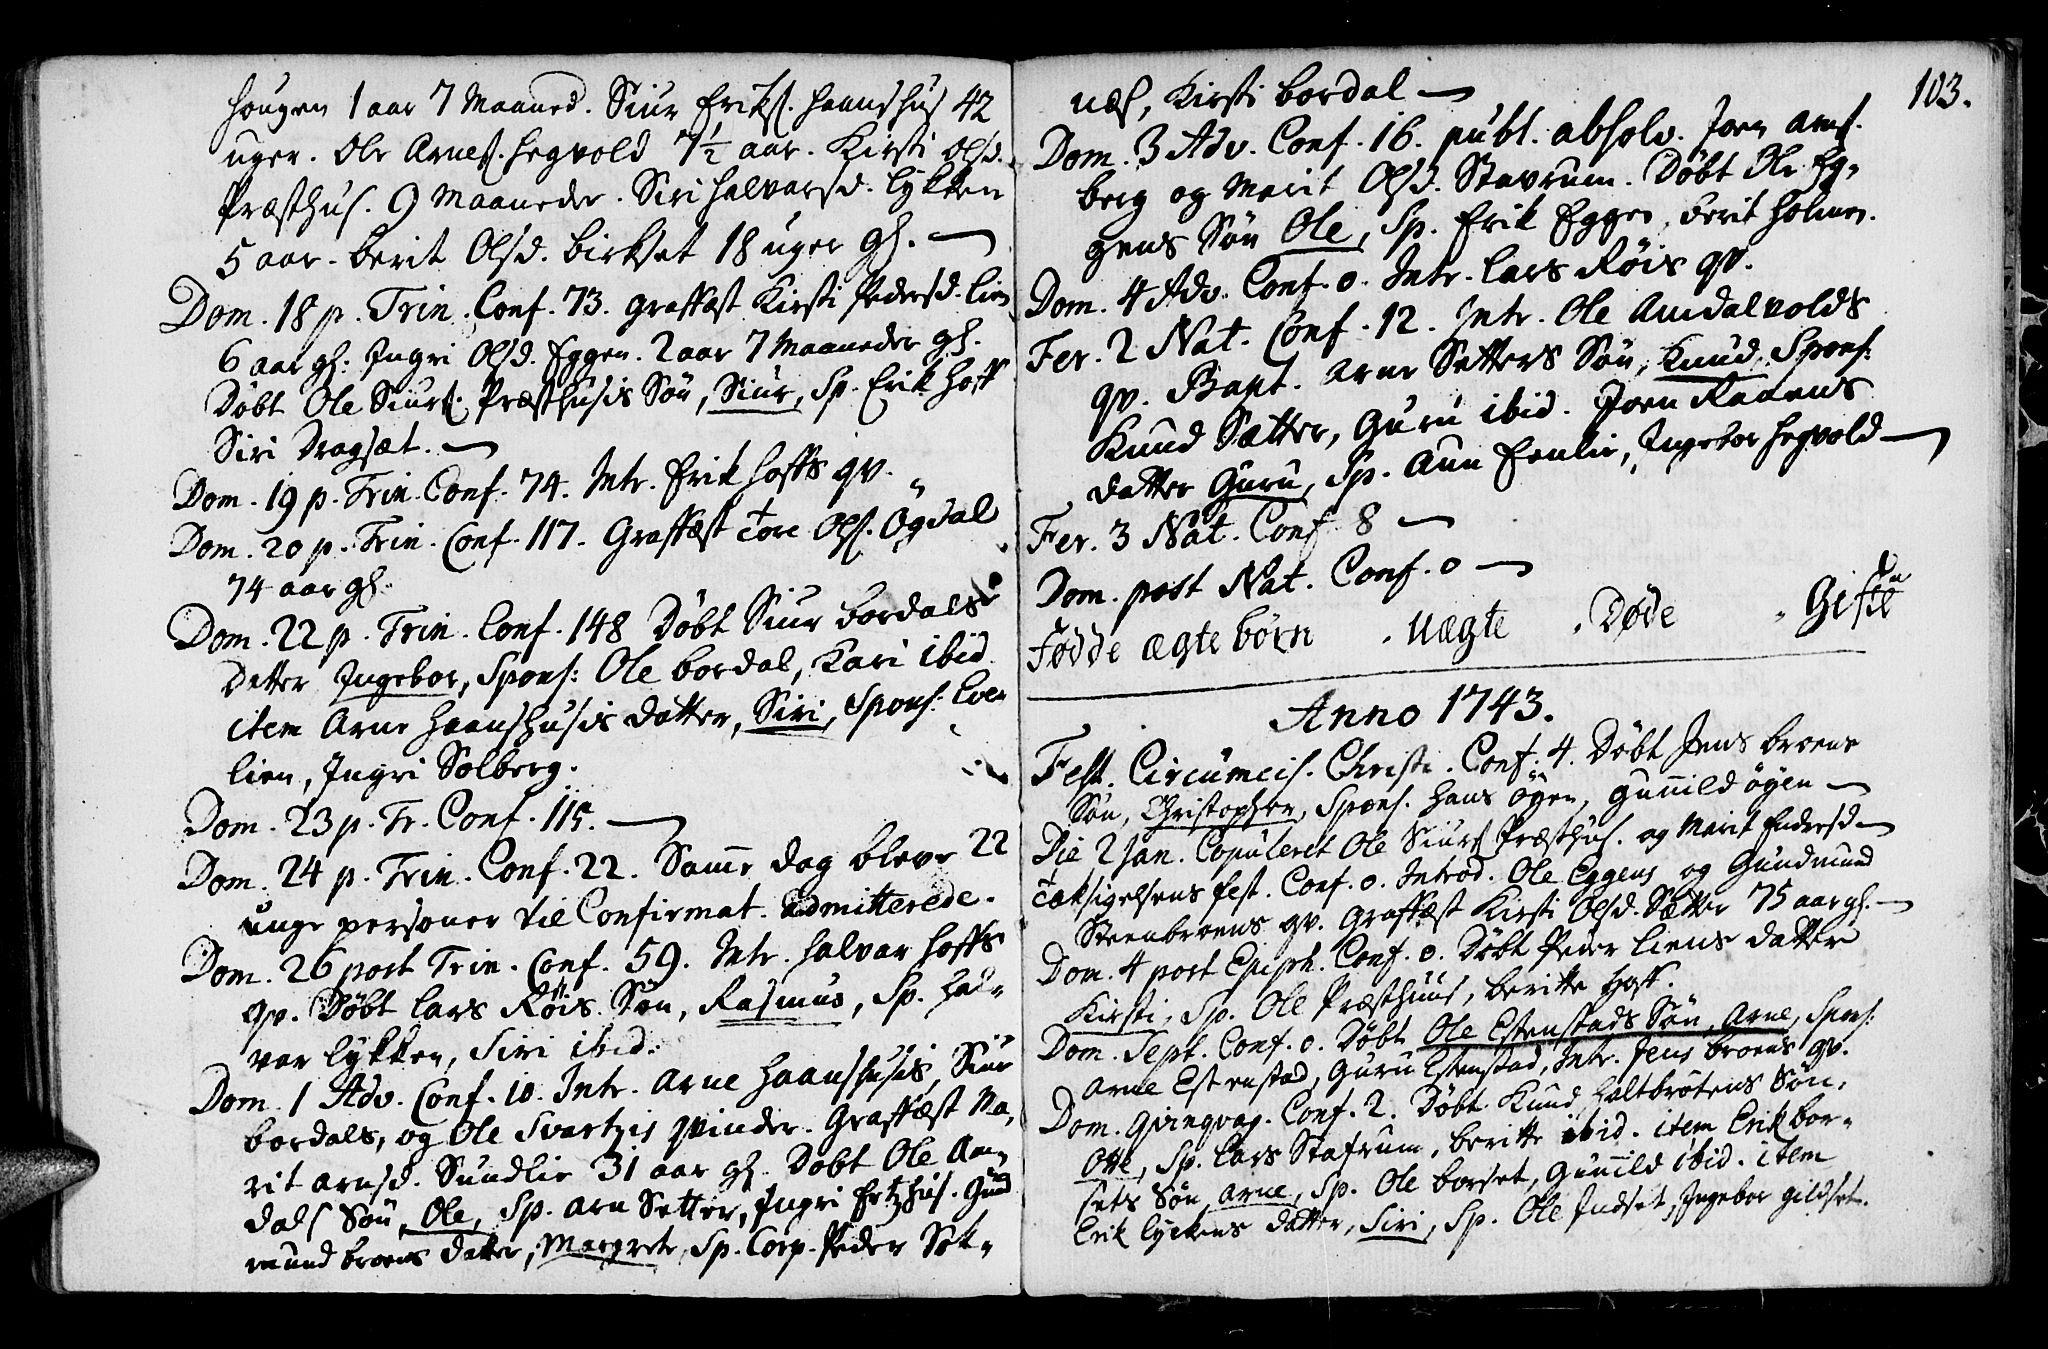 SAT, Ministerialprotokoller, klokkerbøker og fødselsregistre - Sør-Trøndelag, 689/L1036: Ministerialbok nr. 689A01, 1696-1746, s. 103